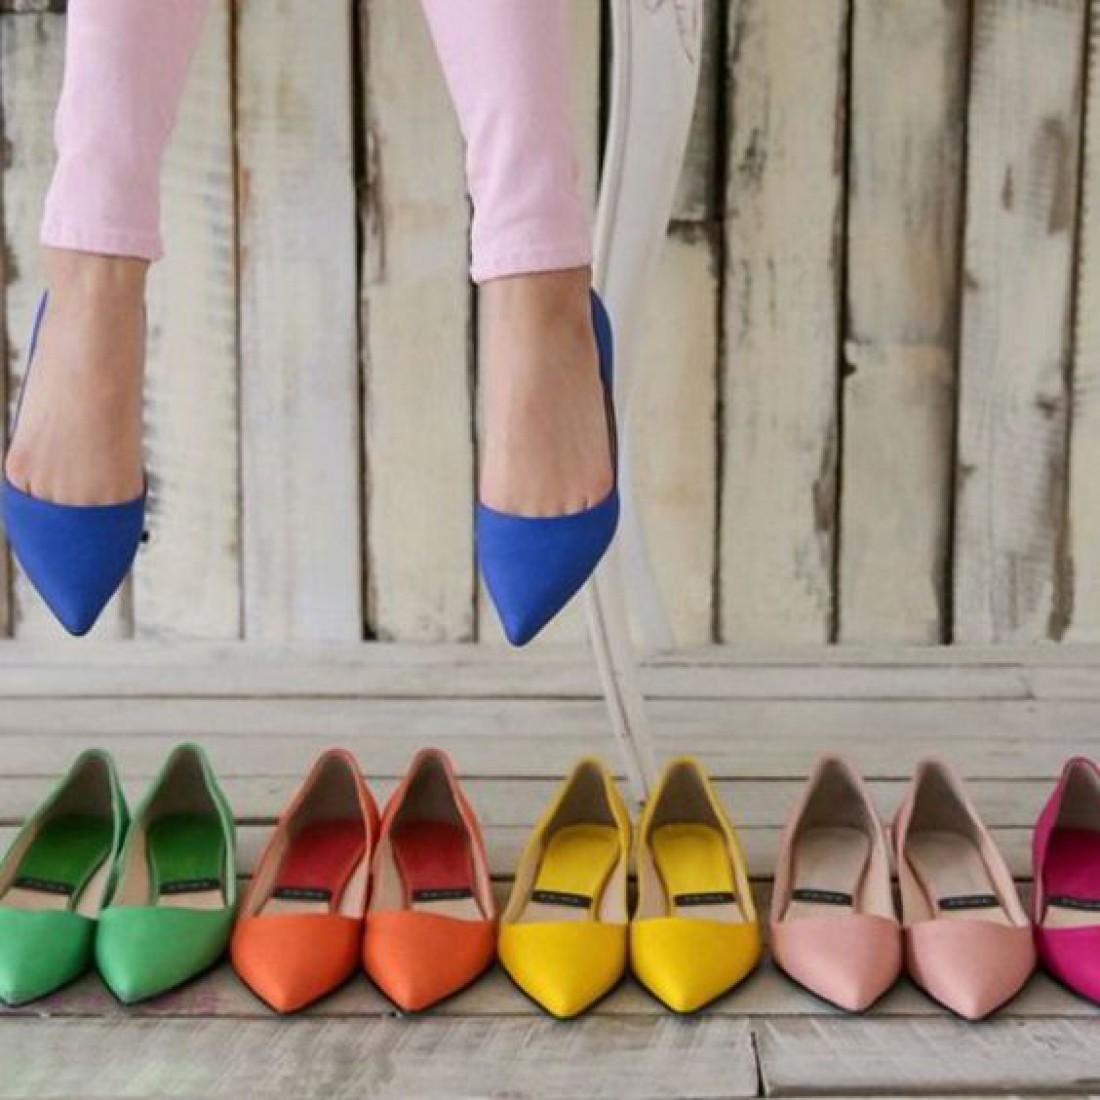 Базовая обувь на весну 2019: Модные советы качественного выбора